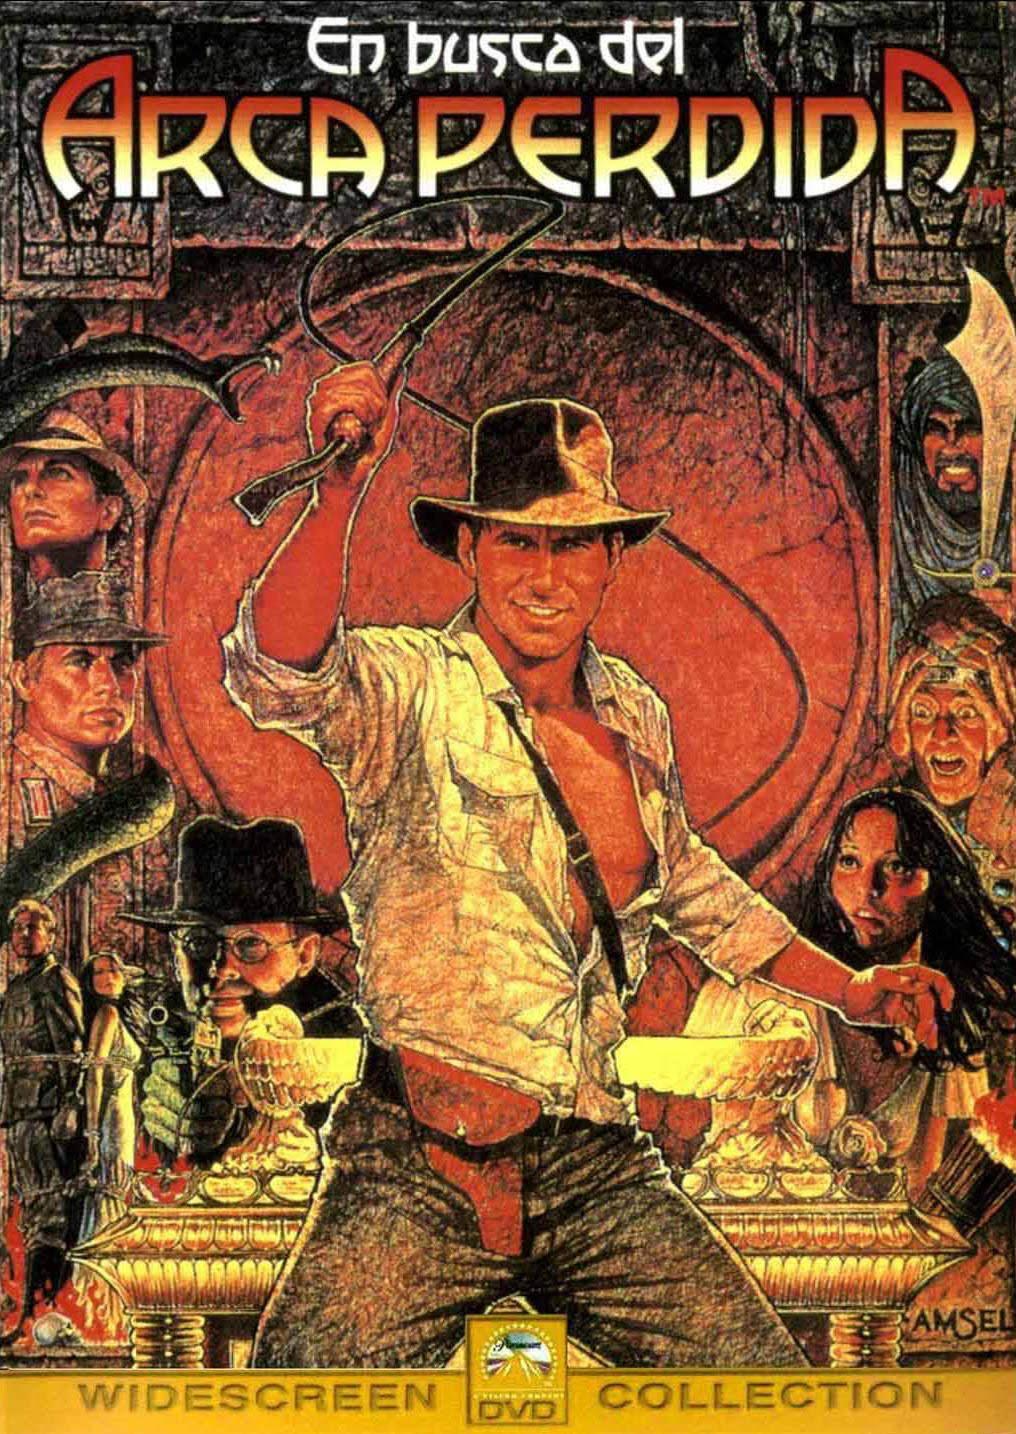 En busca del arca perdida (1981)